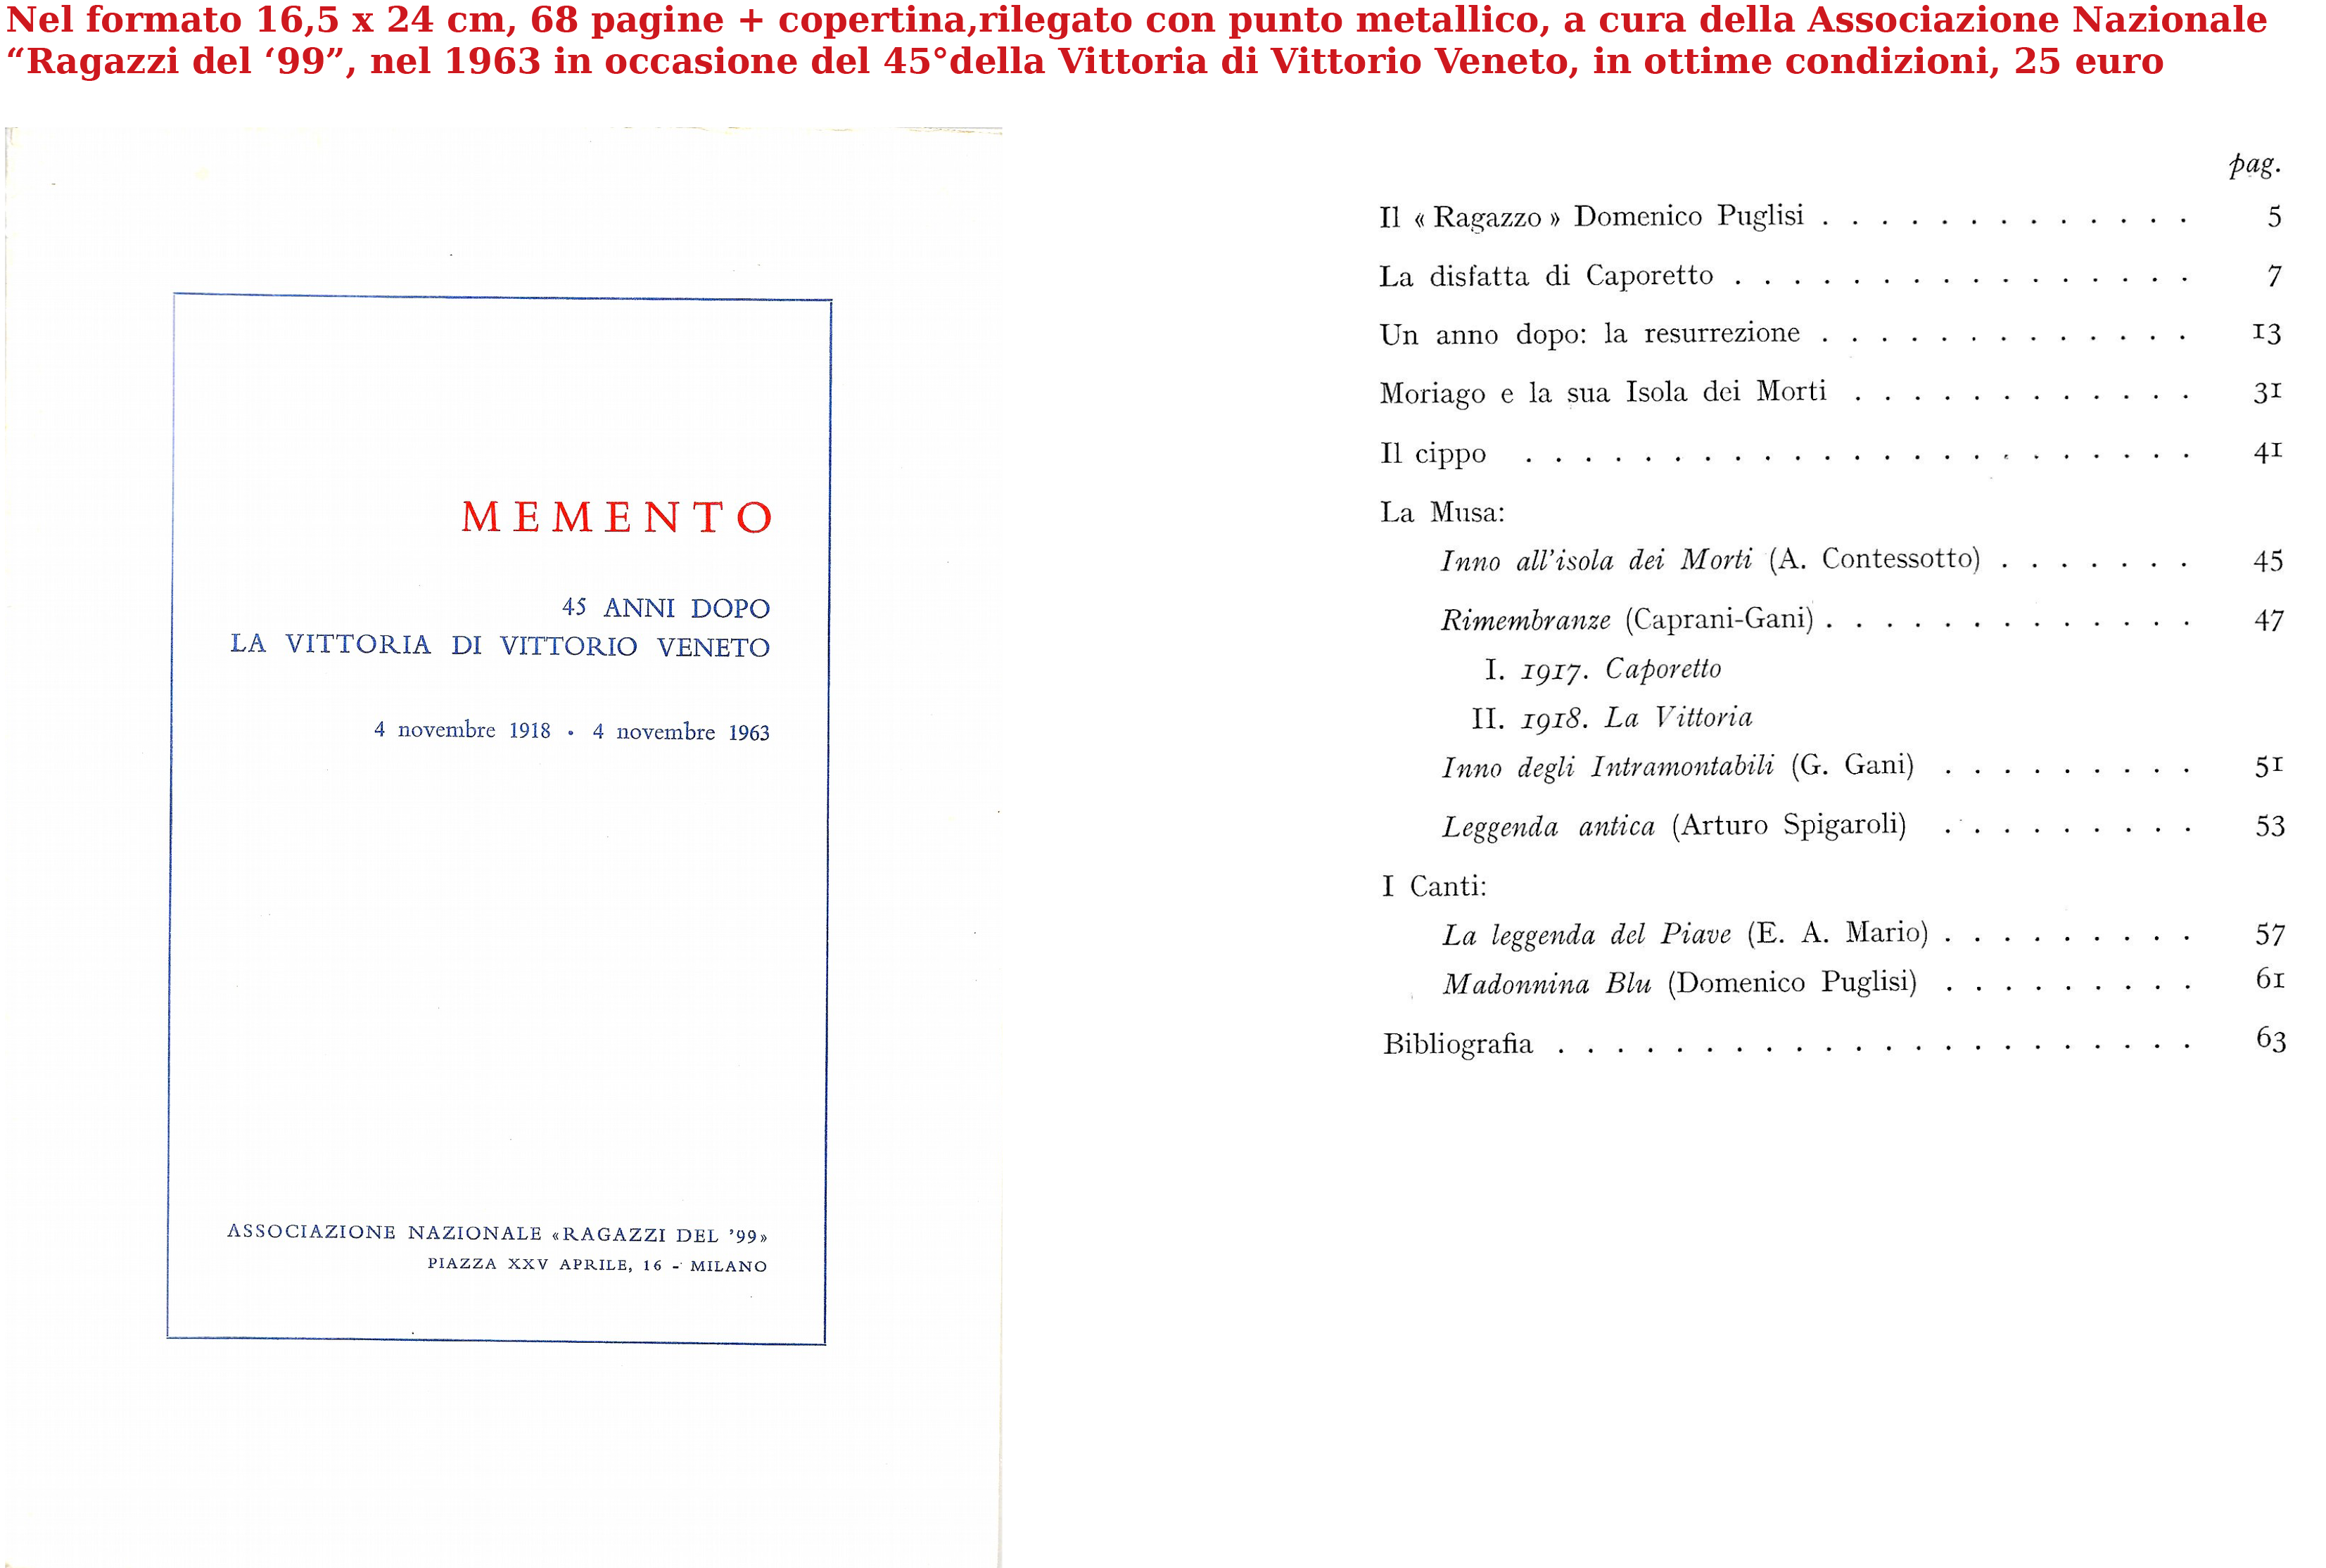 MEMENTO[15800]